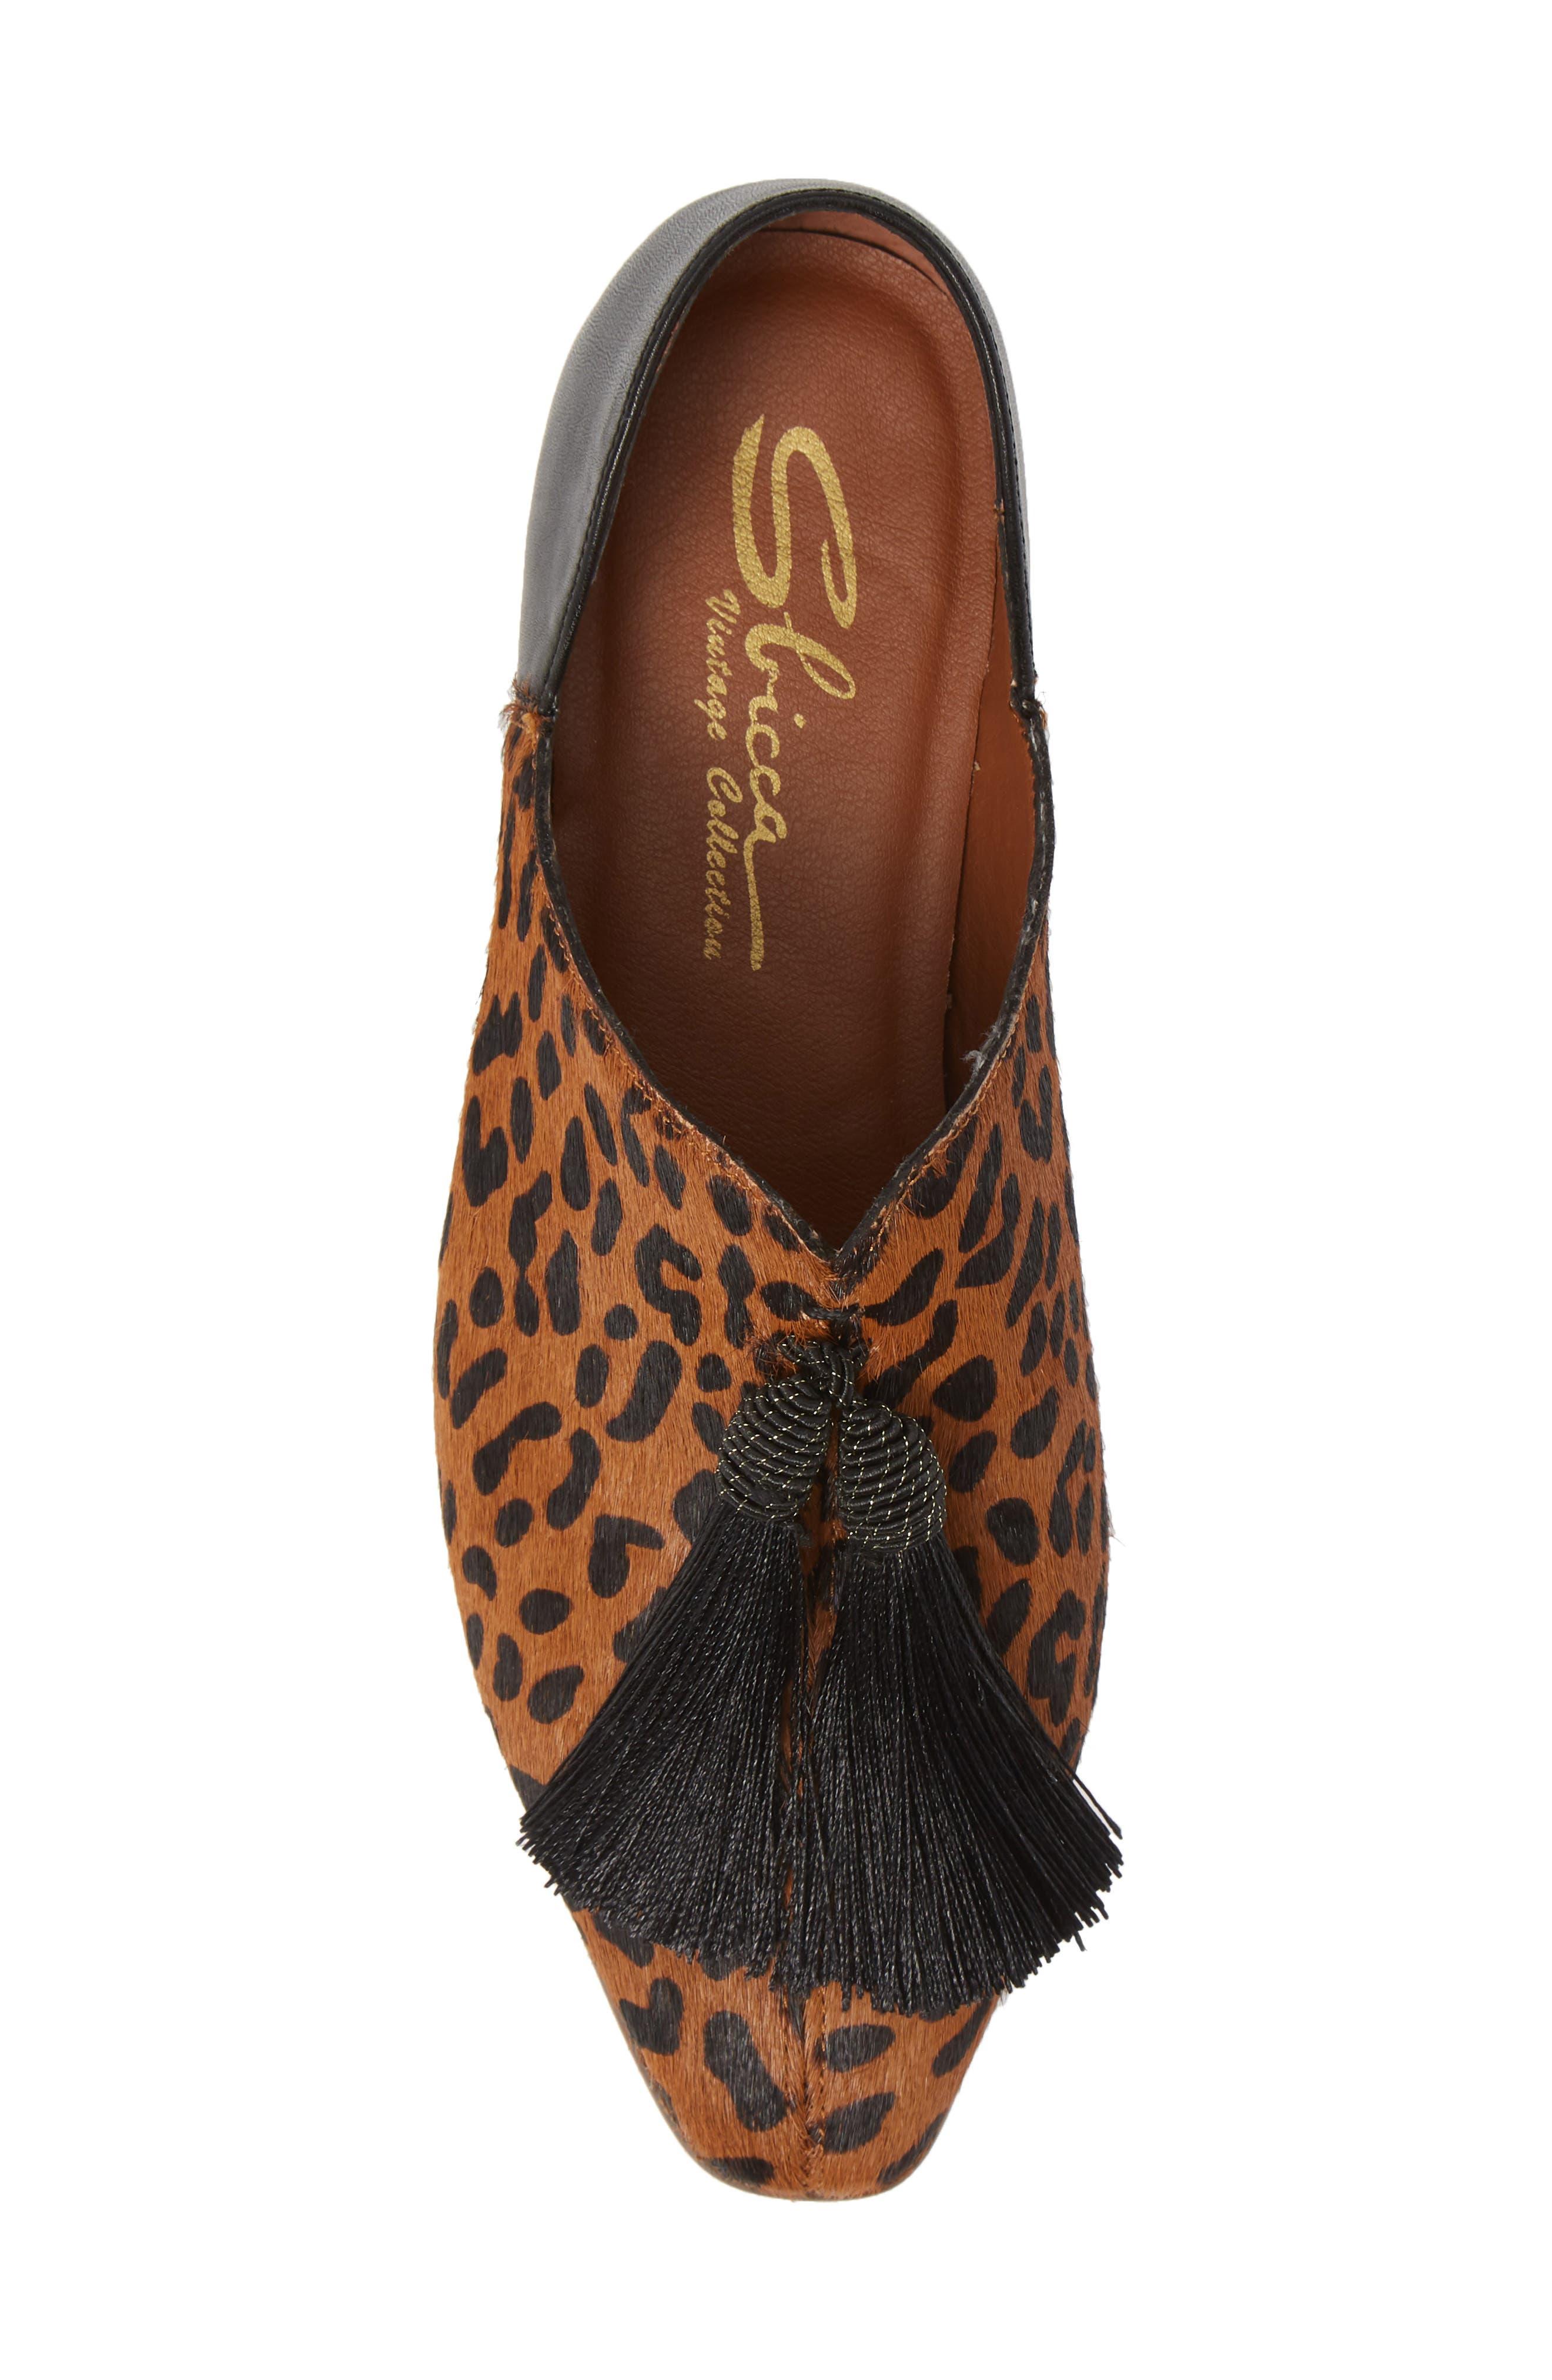 SBICCA,                             Primwood Tassel Loafer,                             Alternate thumbnail 5, color,                             BLACK LEOPARD LEATHER